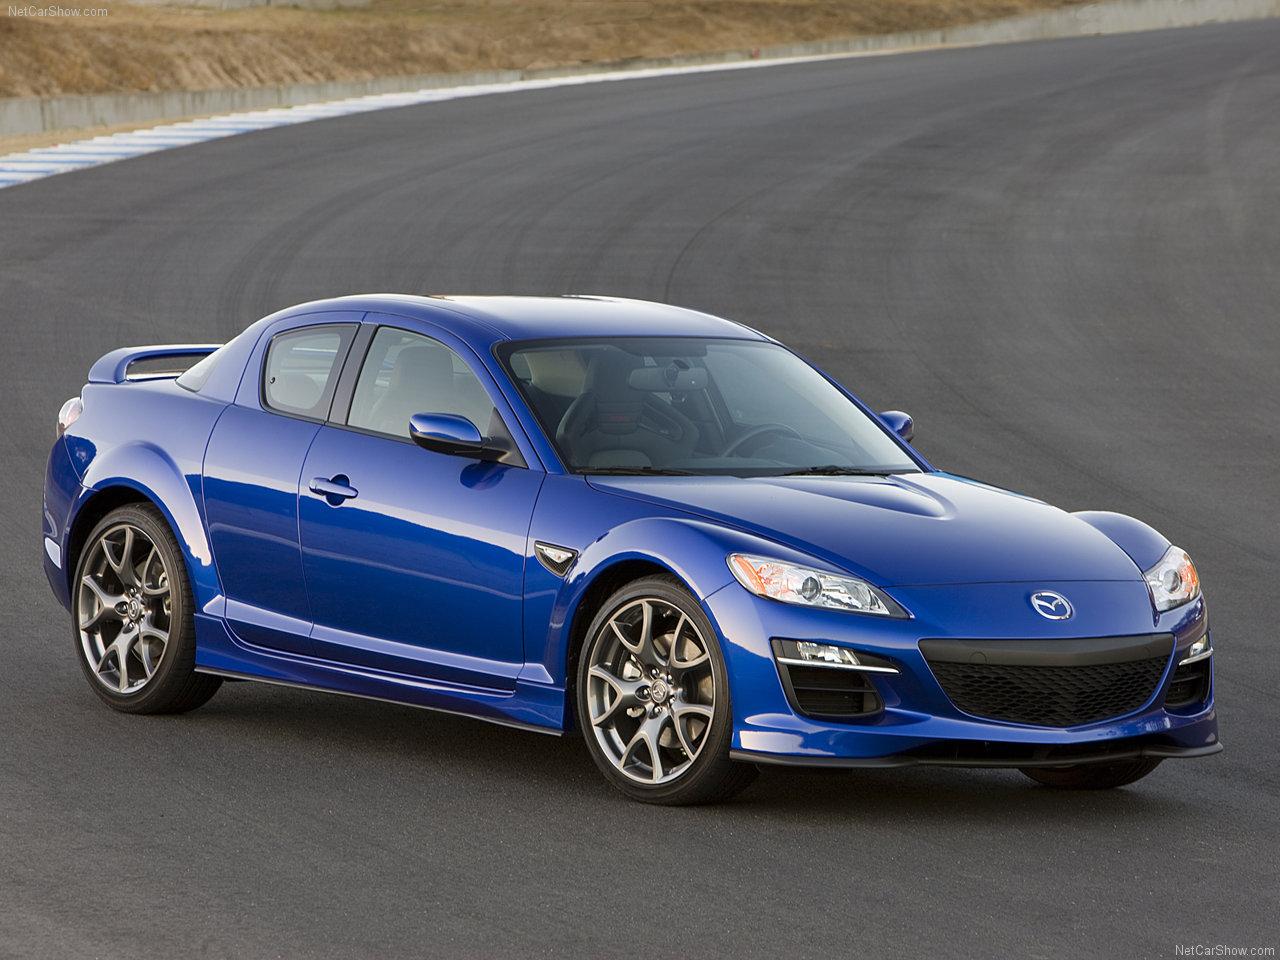 http://1.bp.blogspot.com/_3V1YR3u6VBg/TAVdjXosBwI/AAAAAAAACeE/KnwV8QEB-7I/s1600/Mazda-RX-8_2009_1280x960_wallpaper_04.jpg